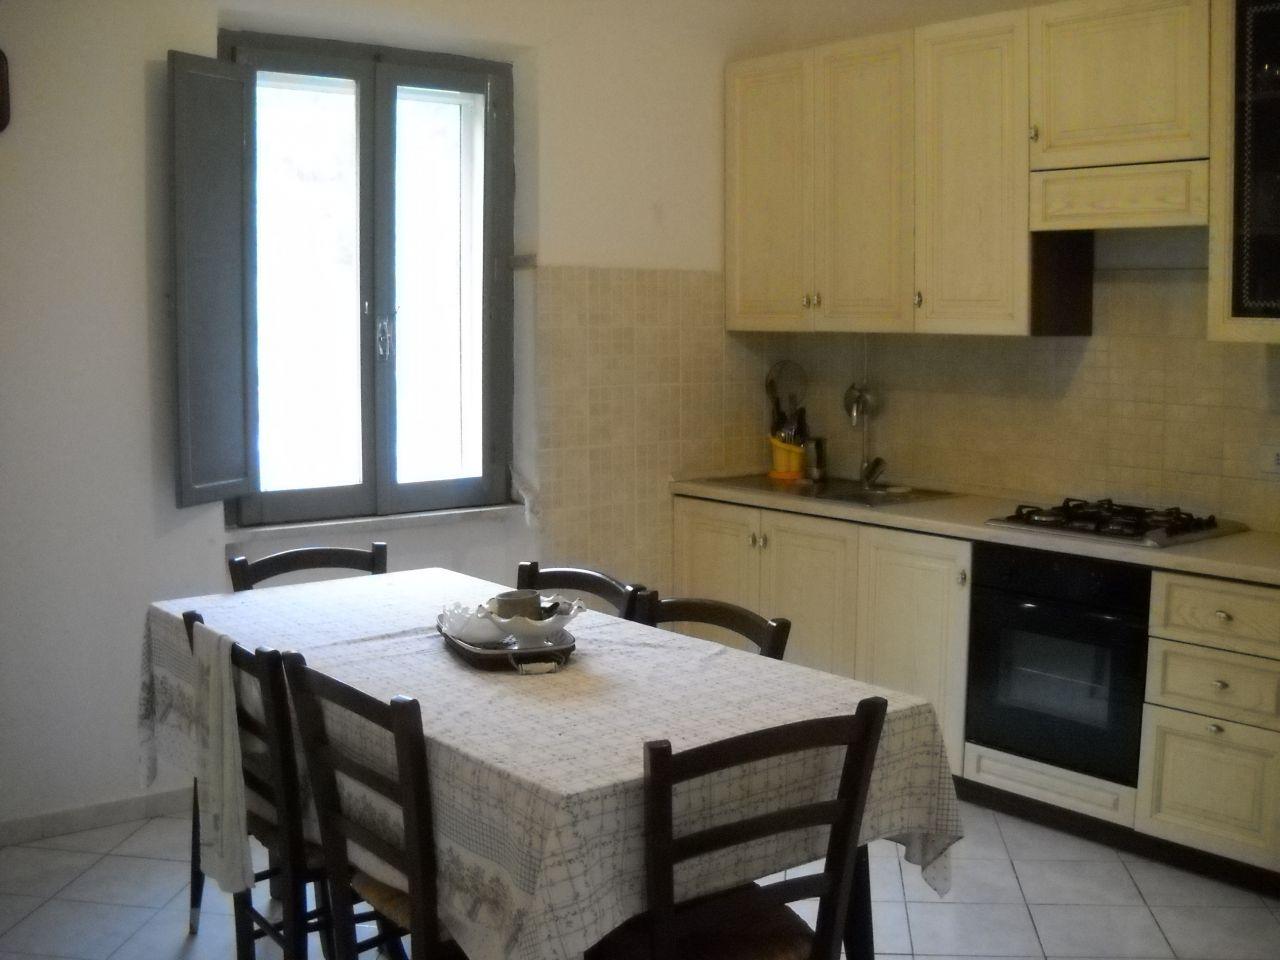 Soluzione Indipendente in vendita a Ascoli Piceno, 9999 locali, zona Località: CastelTrosino, prezzo € 130.000 | CambioCasa.it